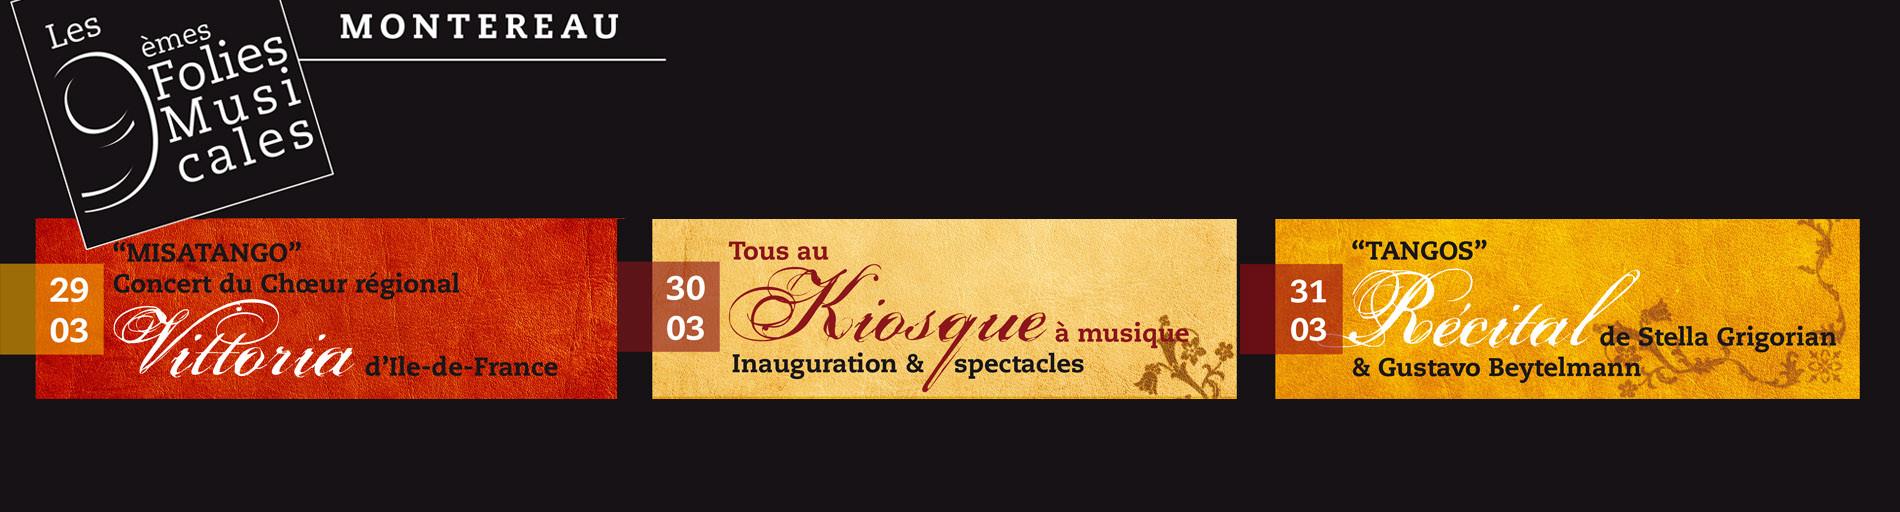 9e Folies Musicales